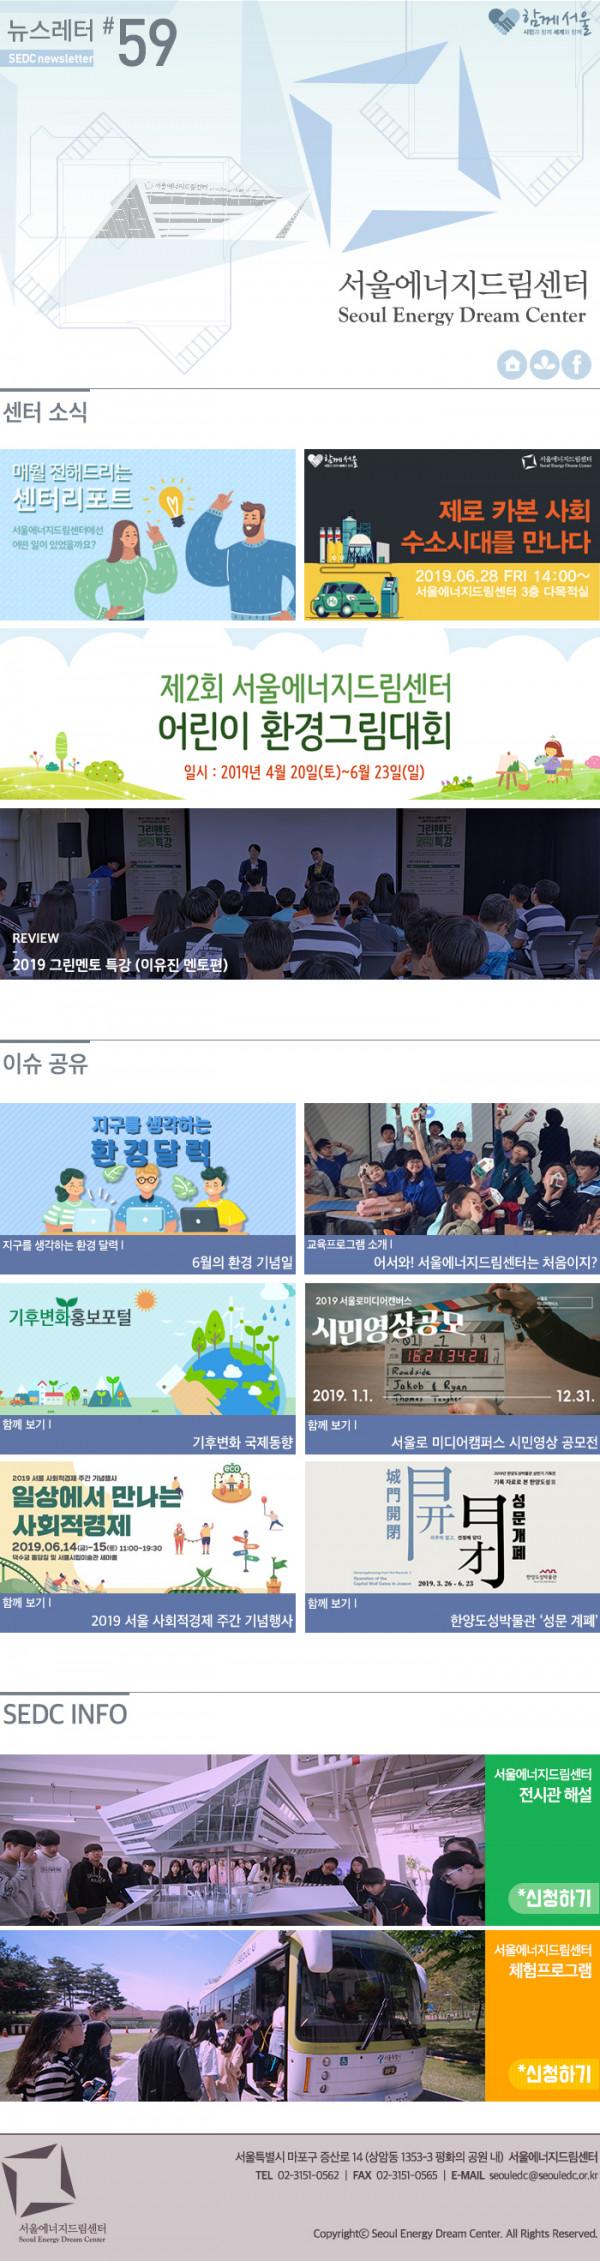 seouledc_newsletter_59.jpg